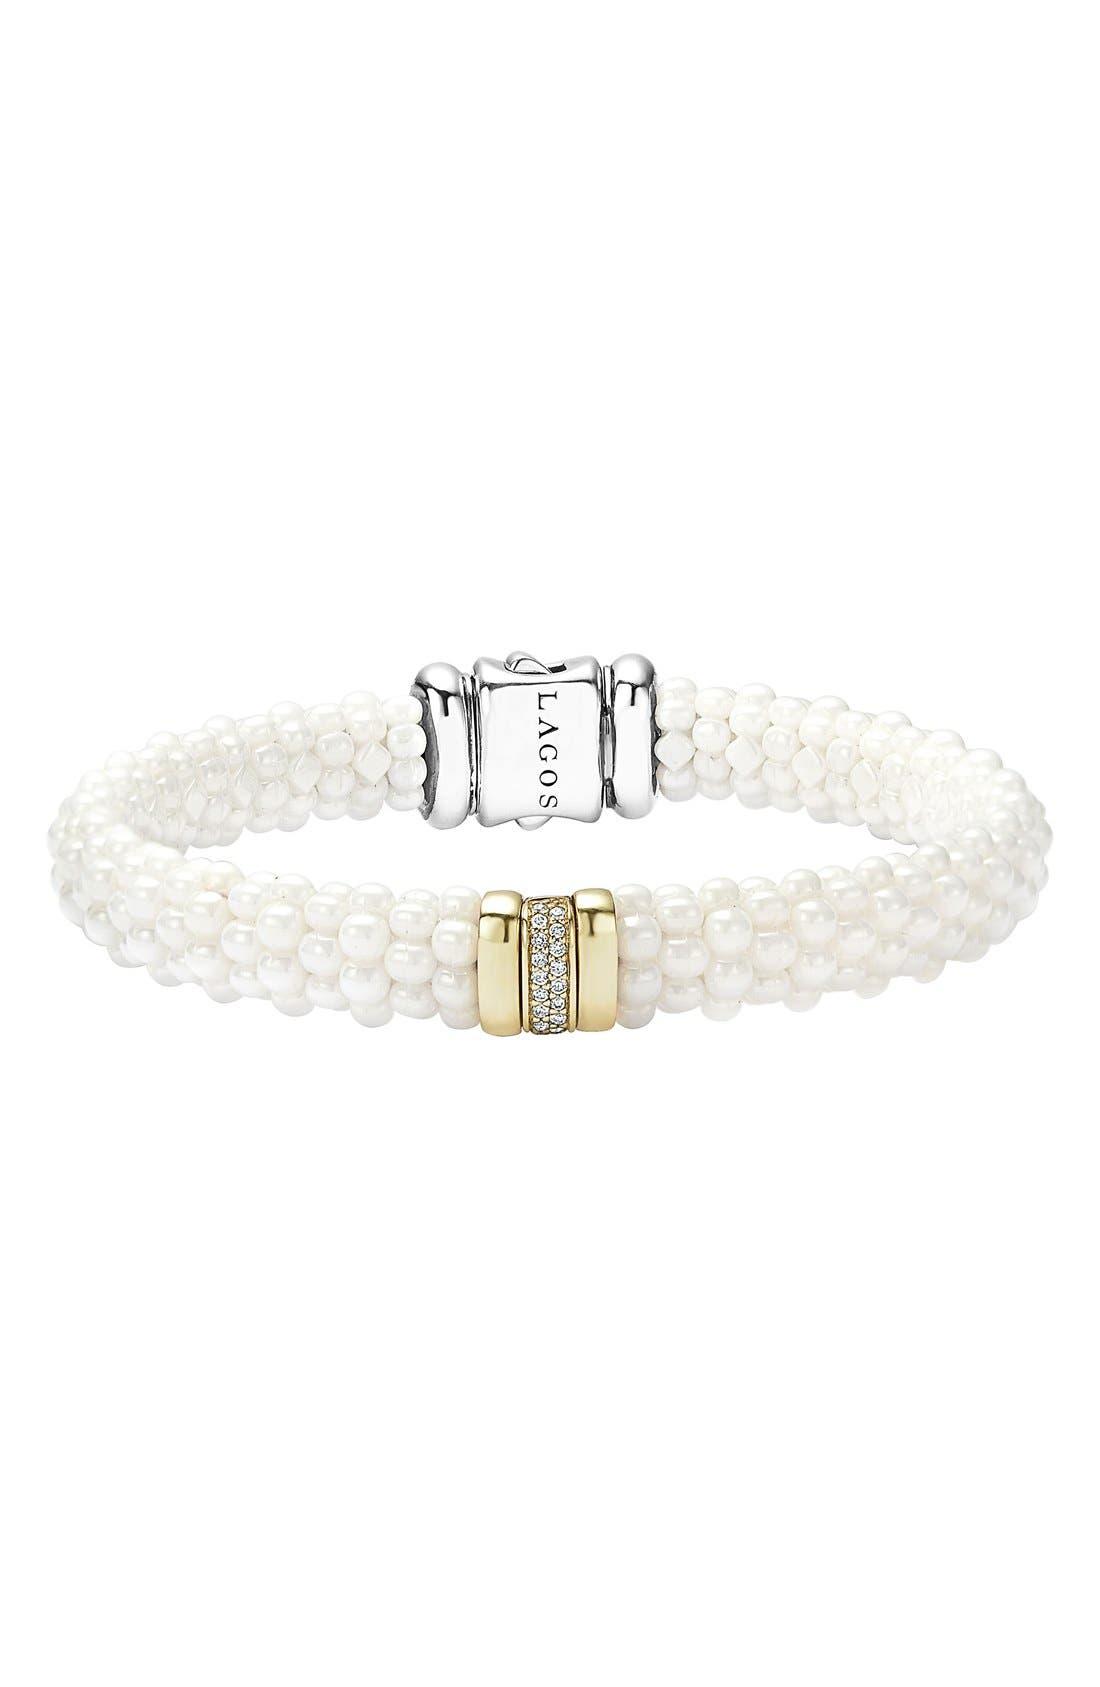 'White Caviar' Diamond Rope Bracelet,                         Main,                         color, White Caviar/ Yellow Gold